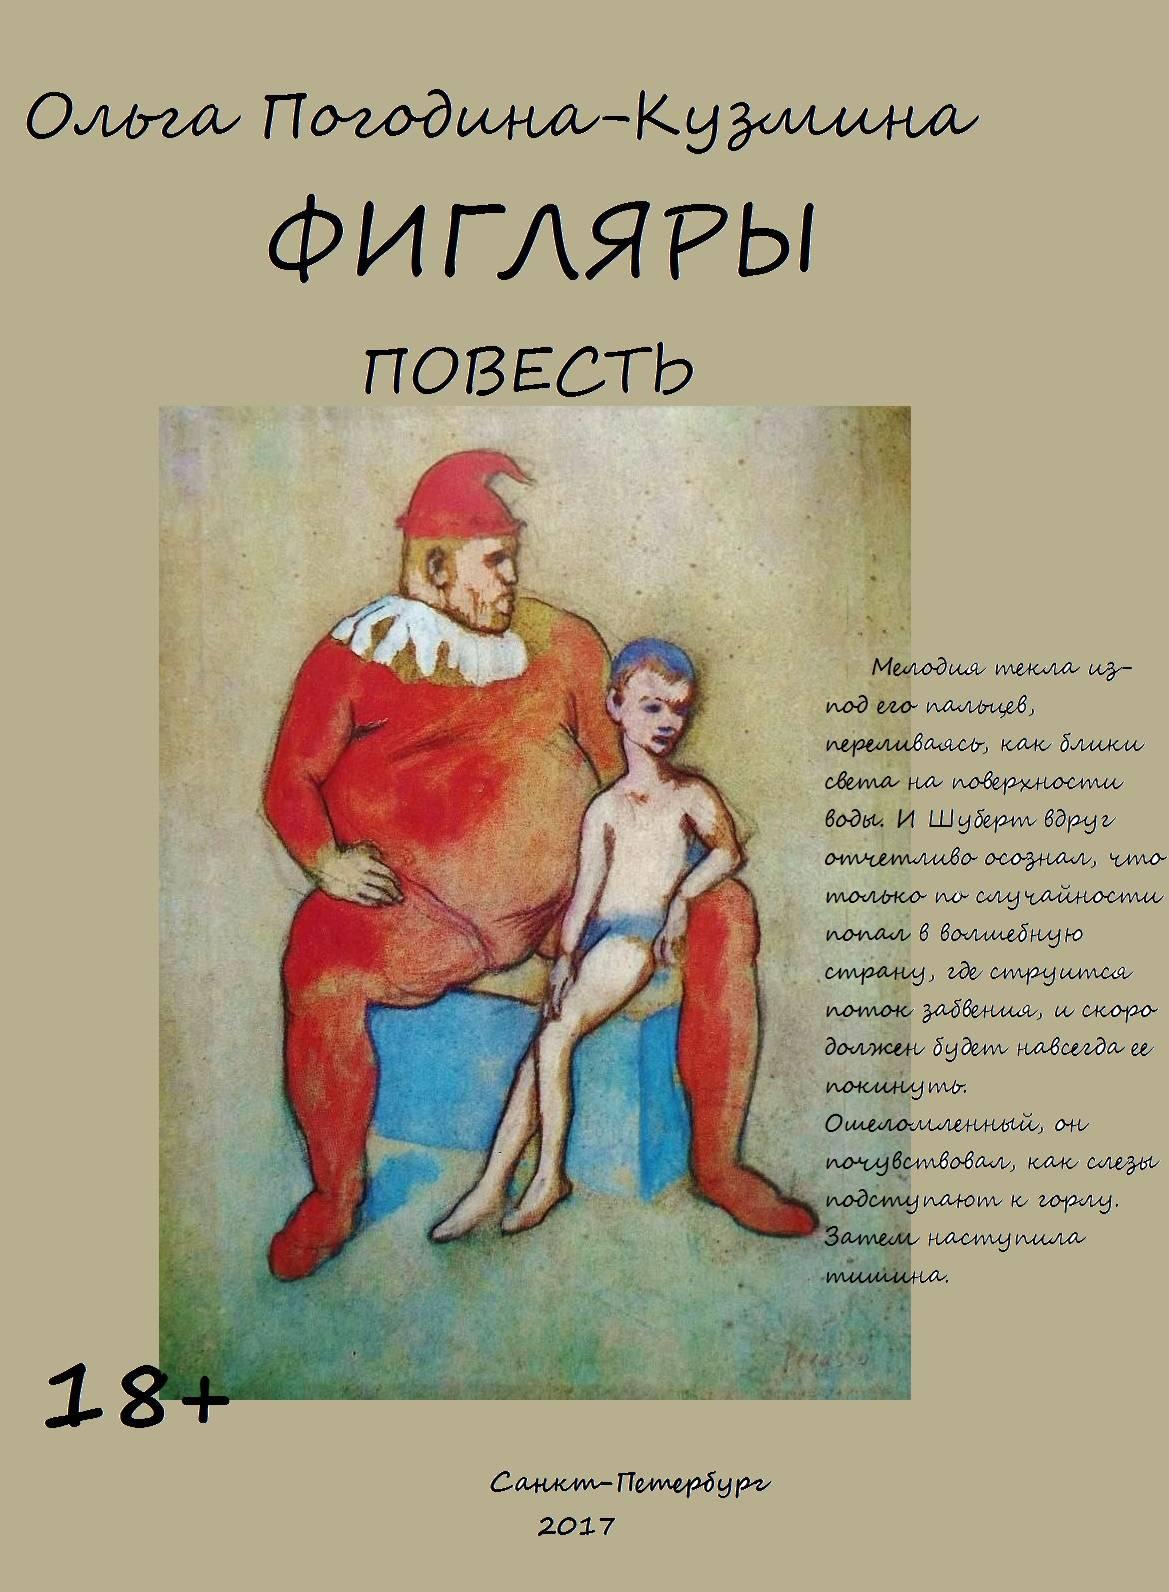 Ольга Погодина-Кузмина Фигляры ольга погодина кузмина глиняная яма